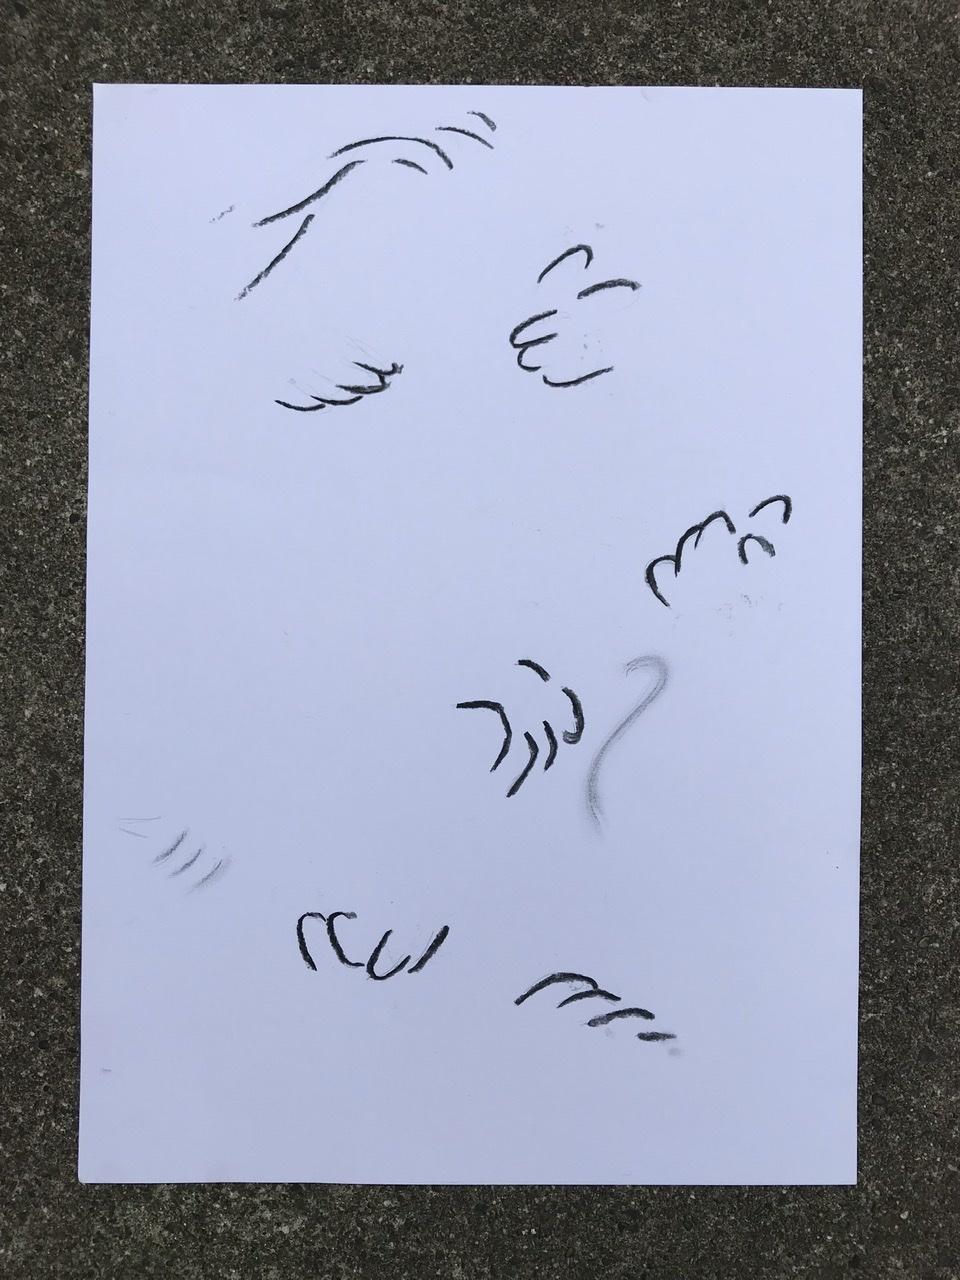 6月20日 村井正誠記念美術館_a0317236_06511618.jpeg